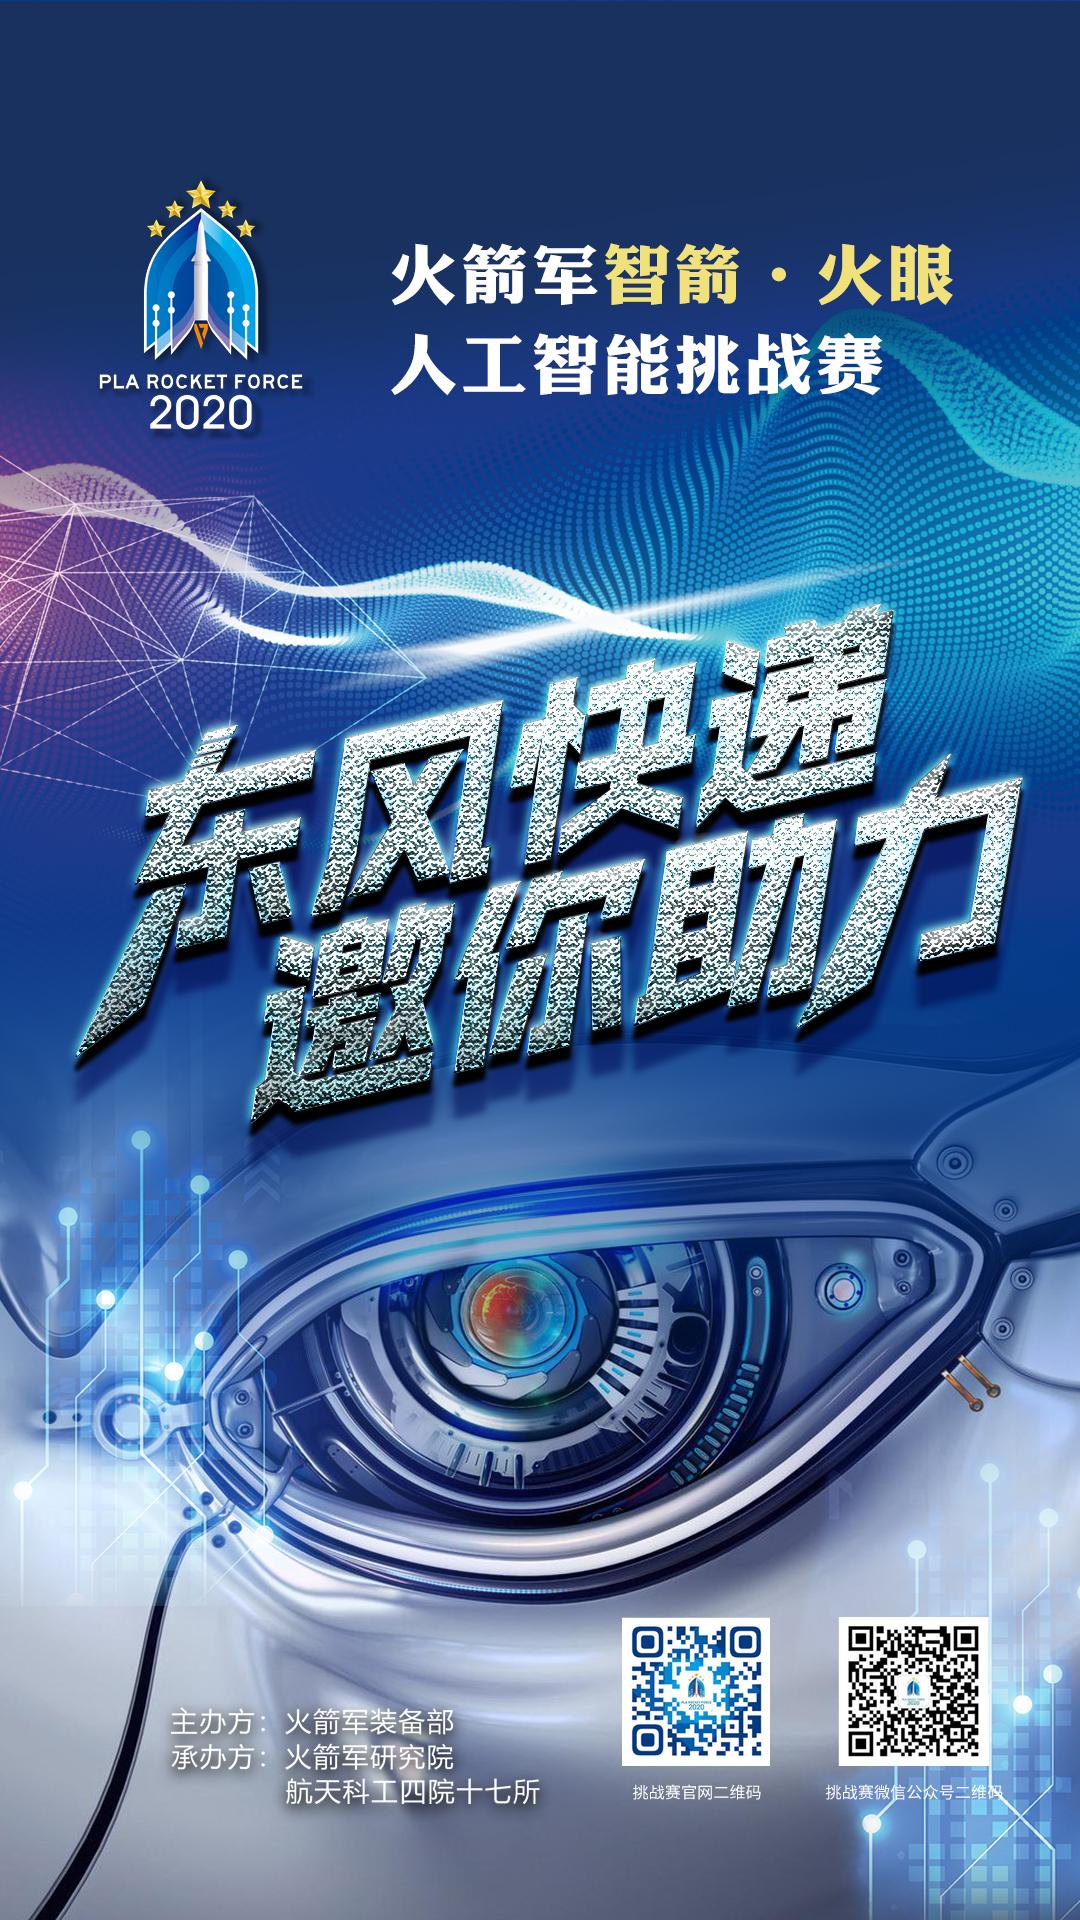 东风快递,邀你助力 ——火箭军智箭•火眼人工智能挑战赛欢迎你